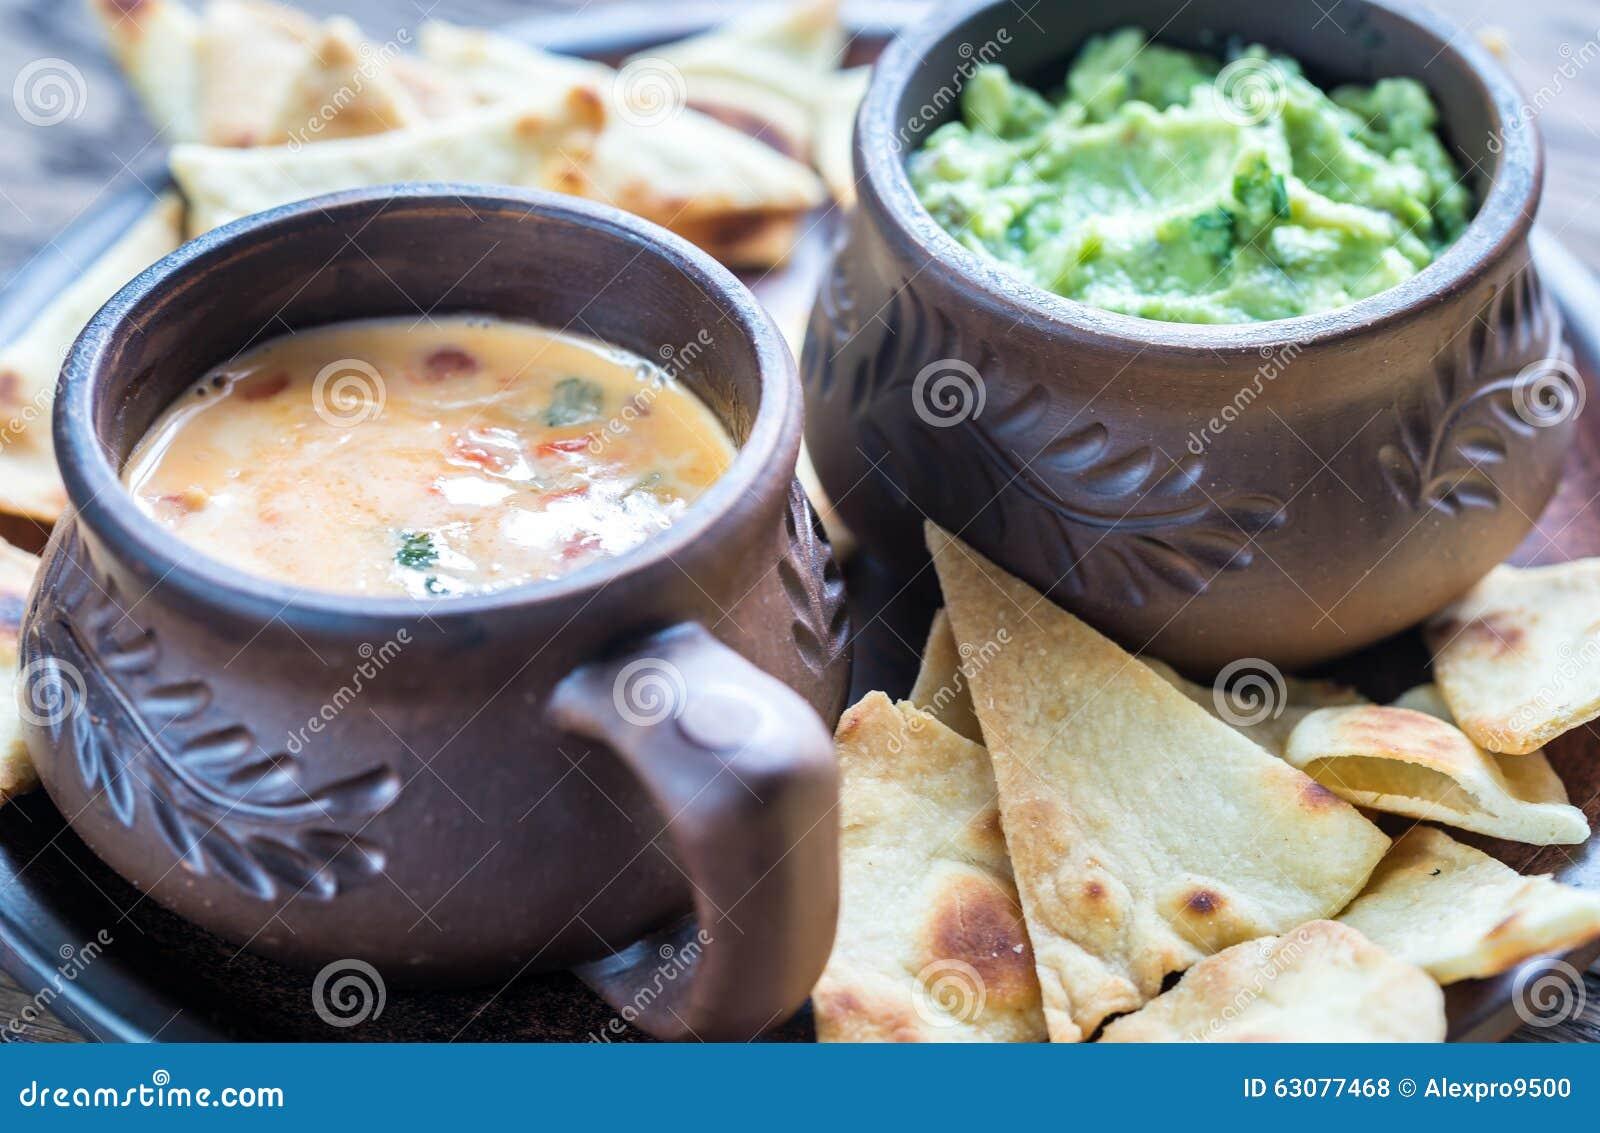 Download Cuvettes De Guacamole Et De Queso Avec Des Puces De Tortilla Photo stock - Image du serviette, crémeux: 63077468